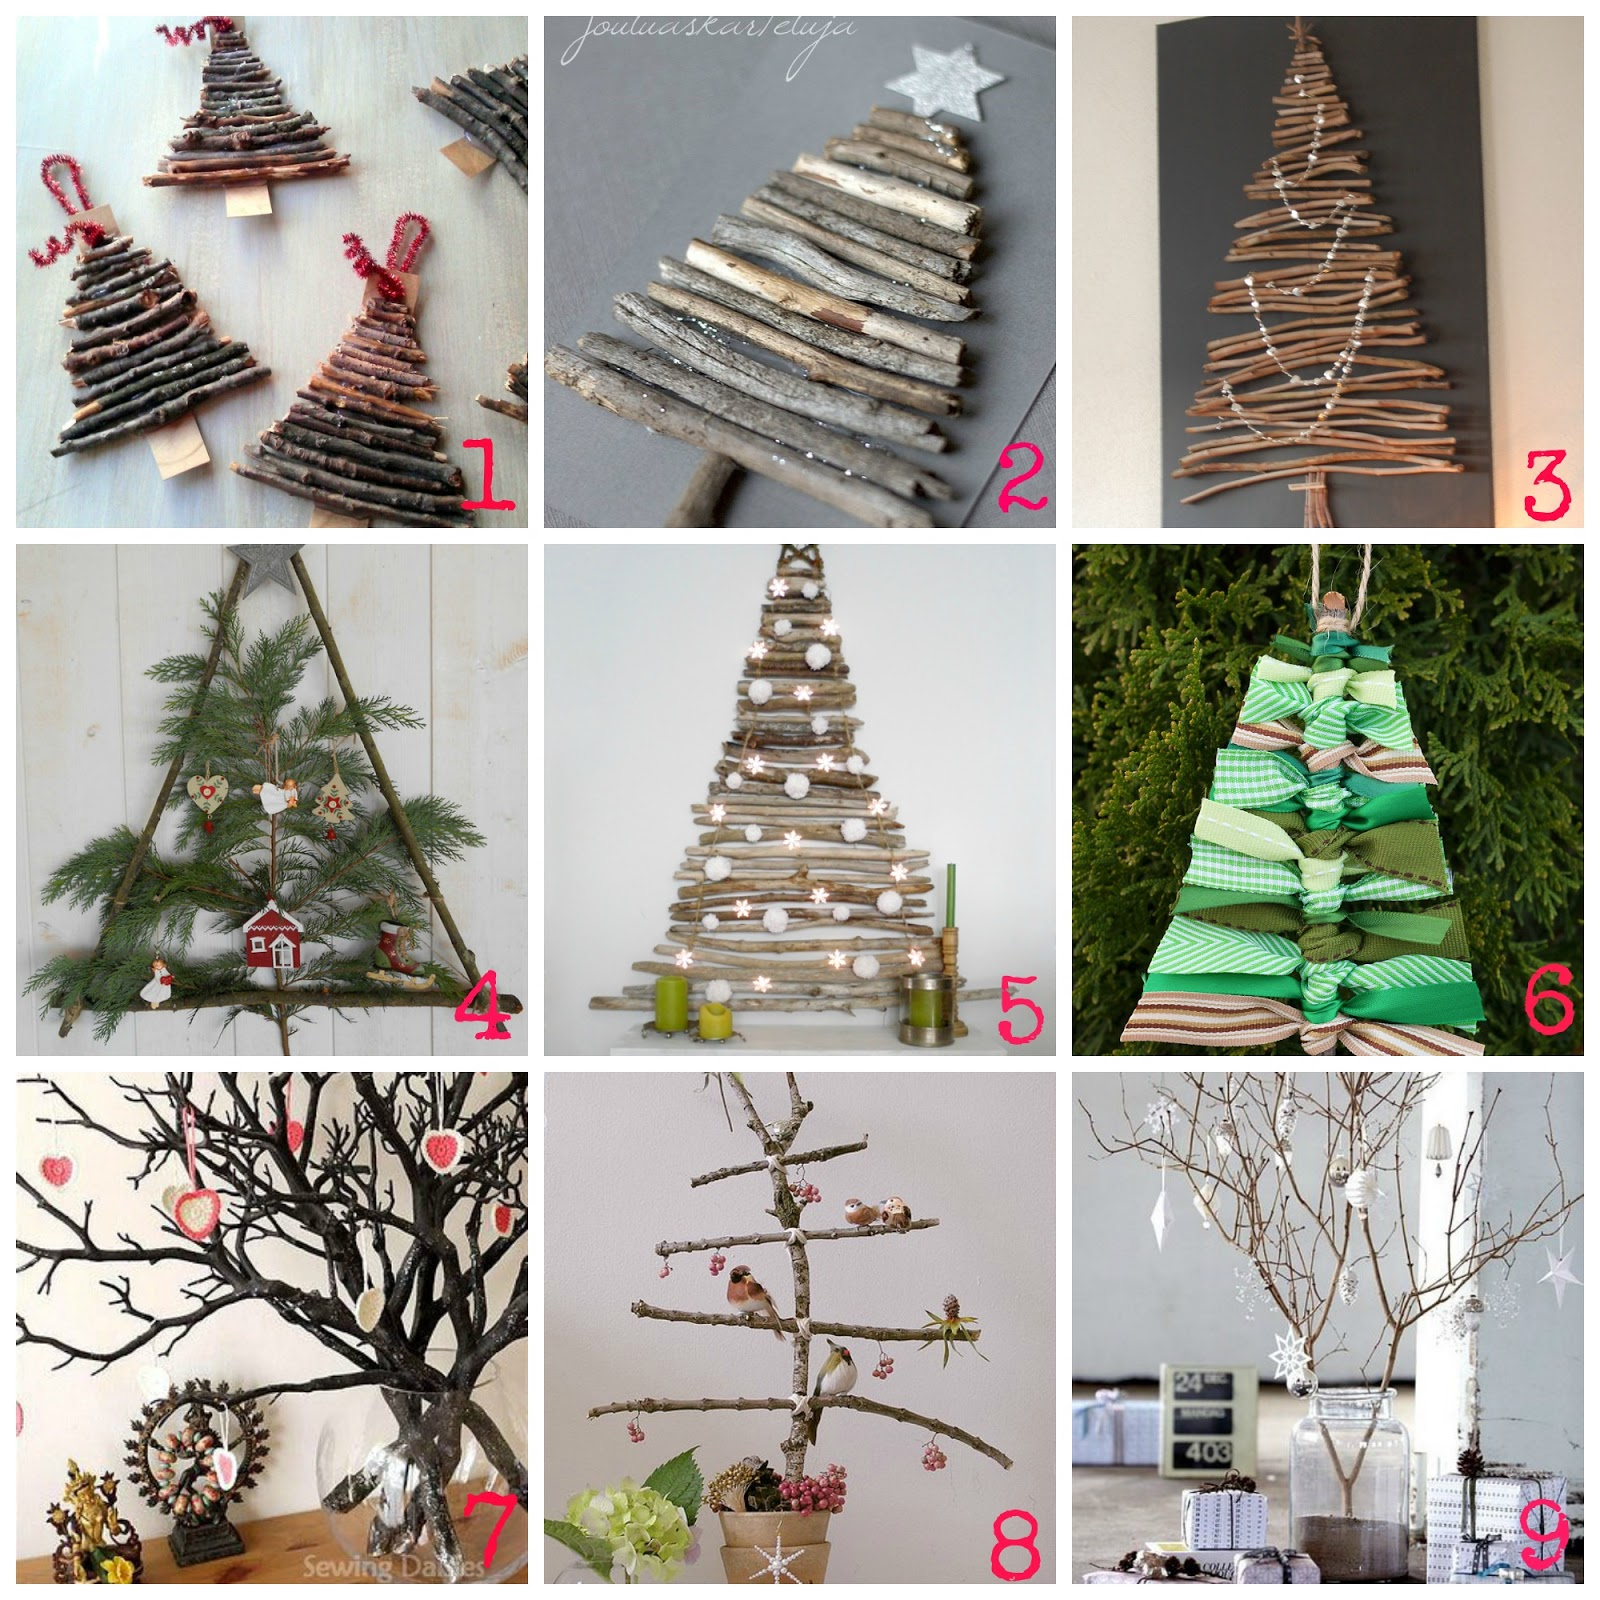 Creare Foto Di Natale.Decorazioni Di Natale Fai Da Te Con I Rami Secchi